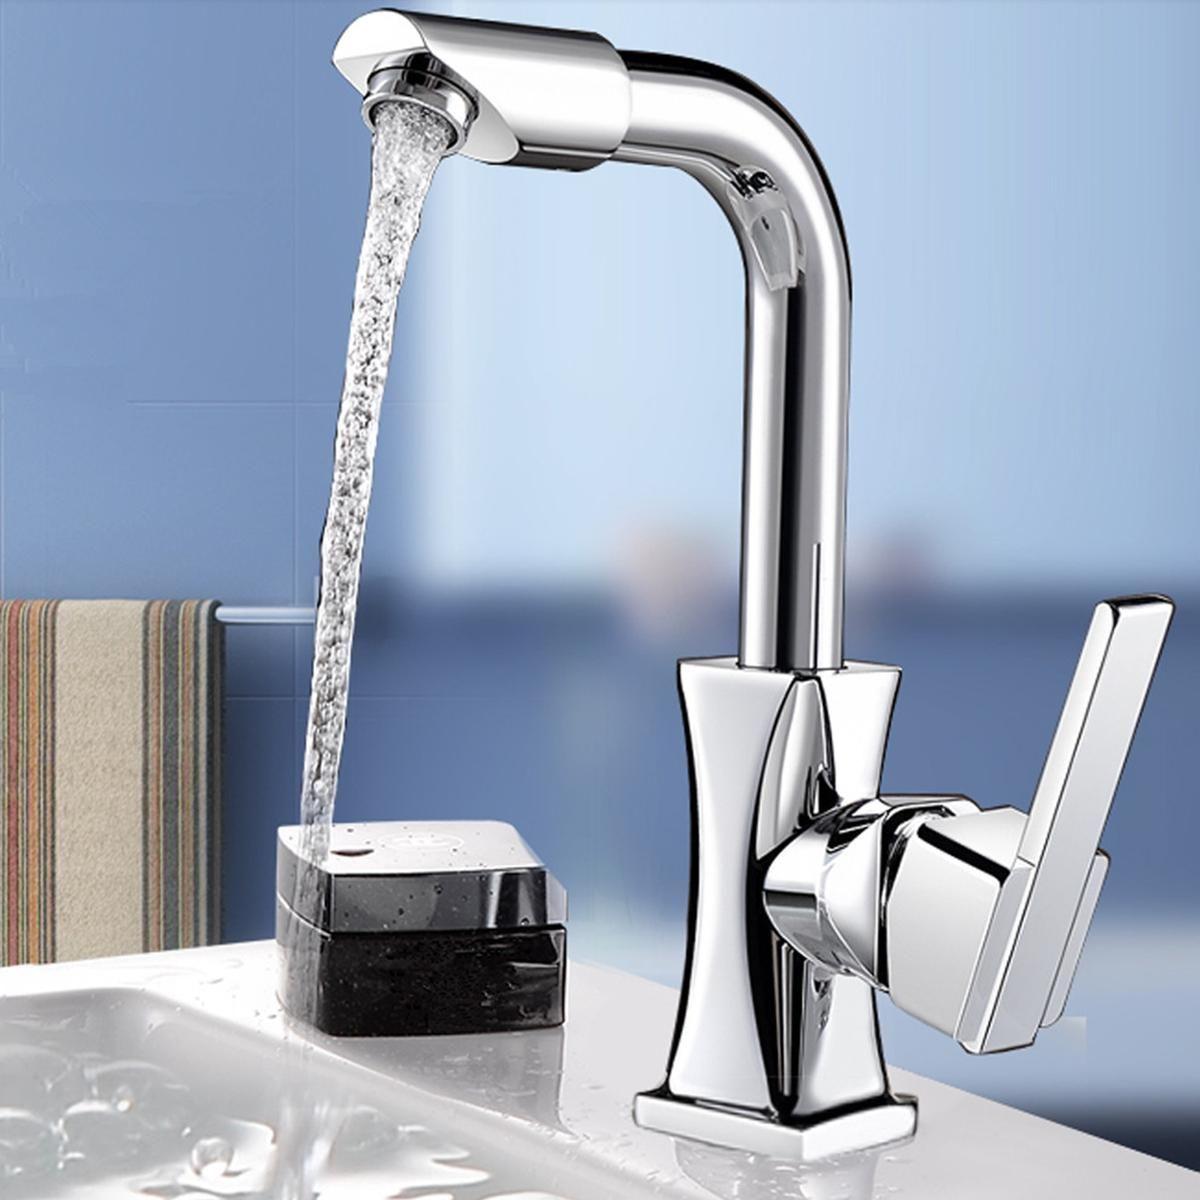 US$36.99] Flexible Chrome Brass Swivel Wash Water Spout Kitchen Sink ...